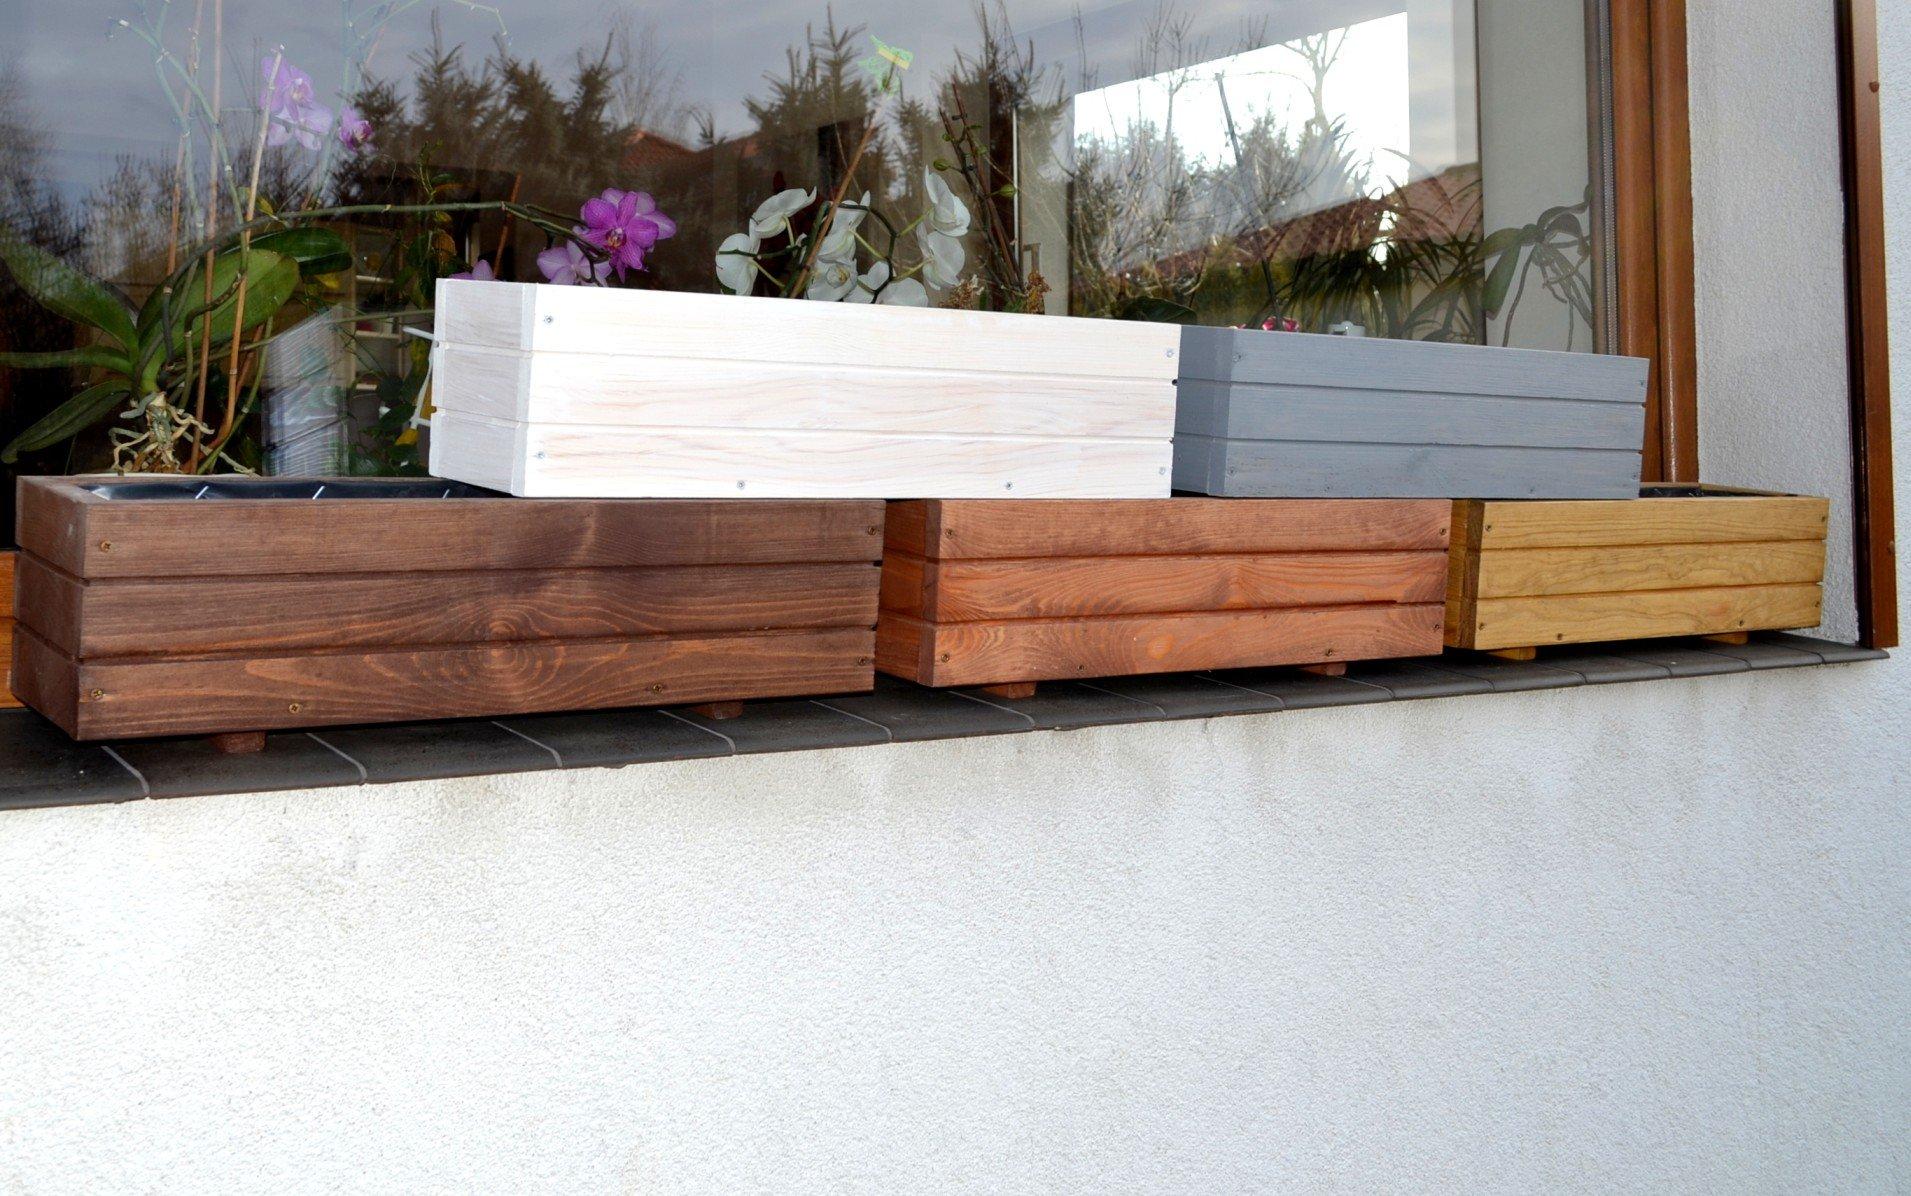 Nouveau bac à fleurs en bois tOP pot de fleurs pour jardin et terrasse montée d6 noix Länge 60cm